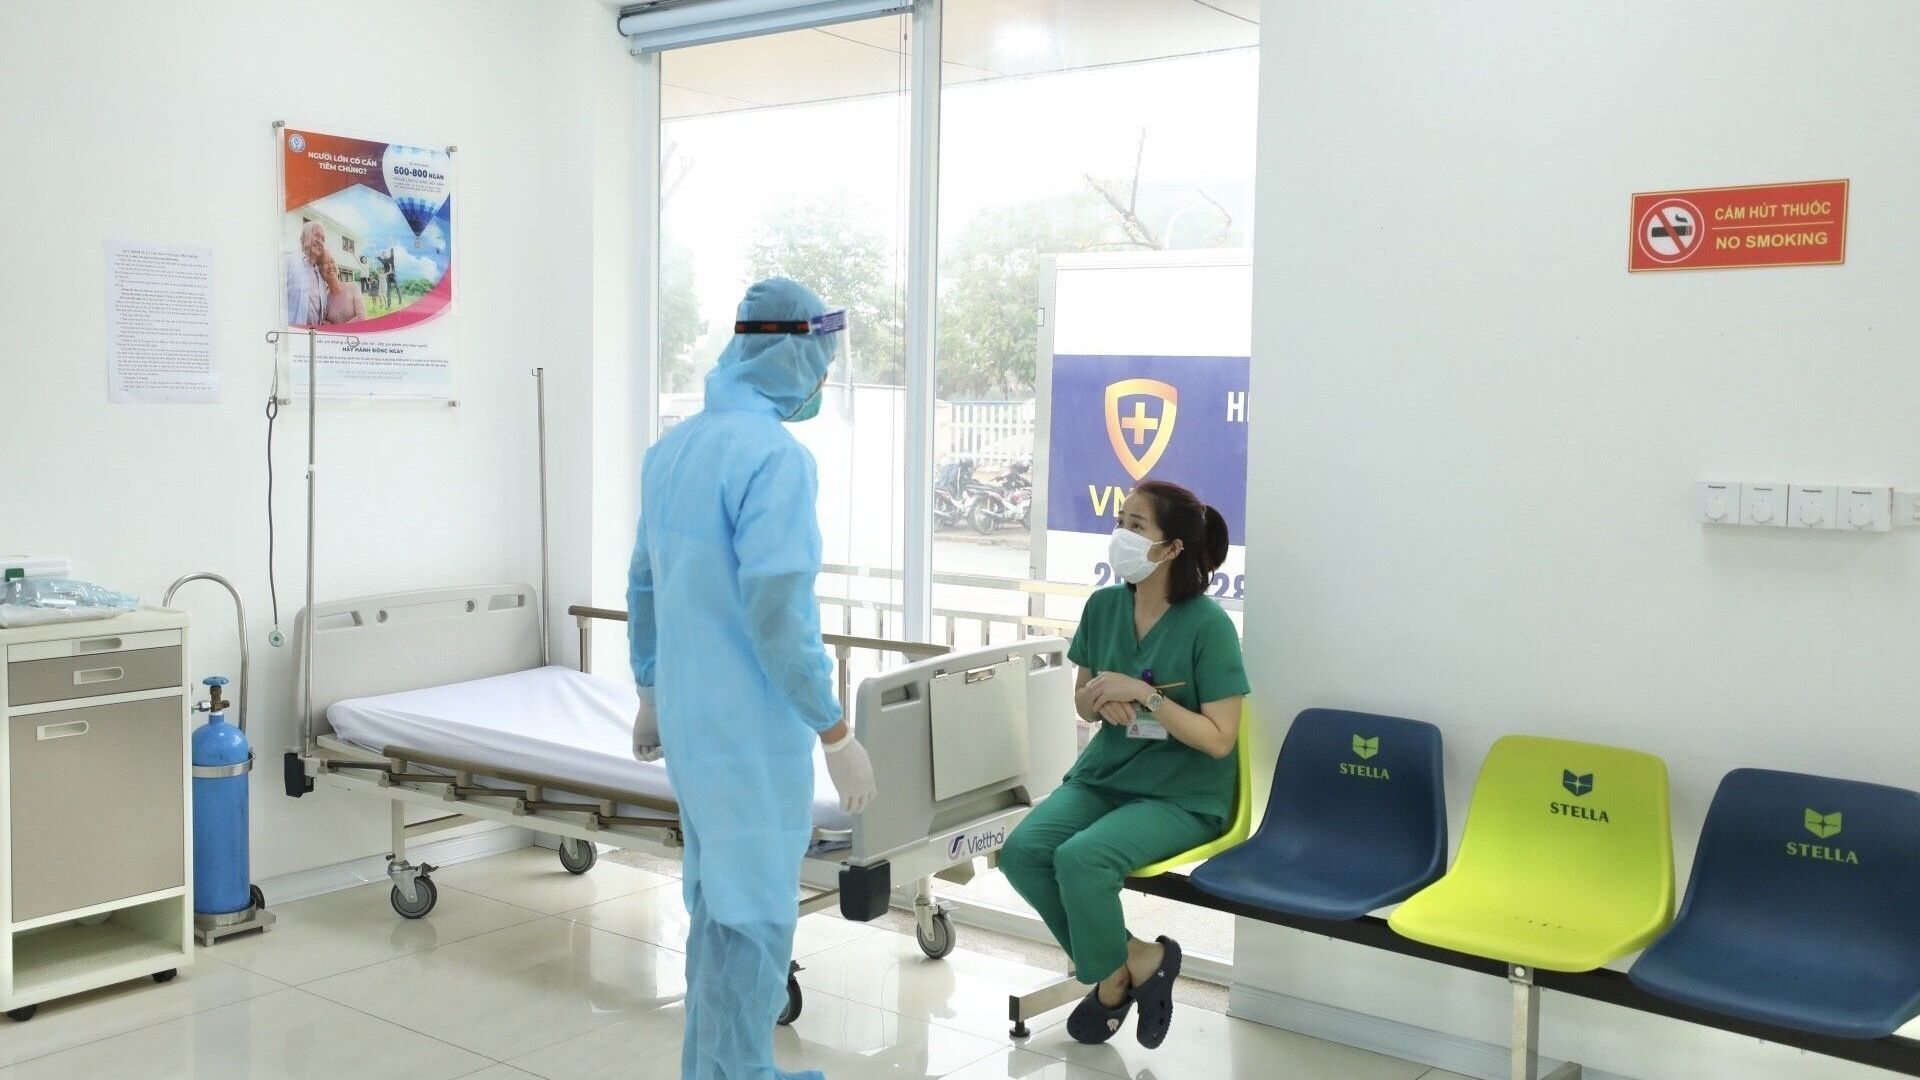 Phòng theo dõi sau khi tiêm vaccine phòng COVID-19 tại Bệnh viện Bệnh Nhiệt đới TƯ. - Sputnik Việt Nam, 1920, 27.05.2021